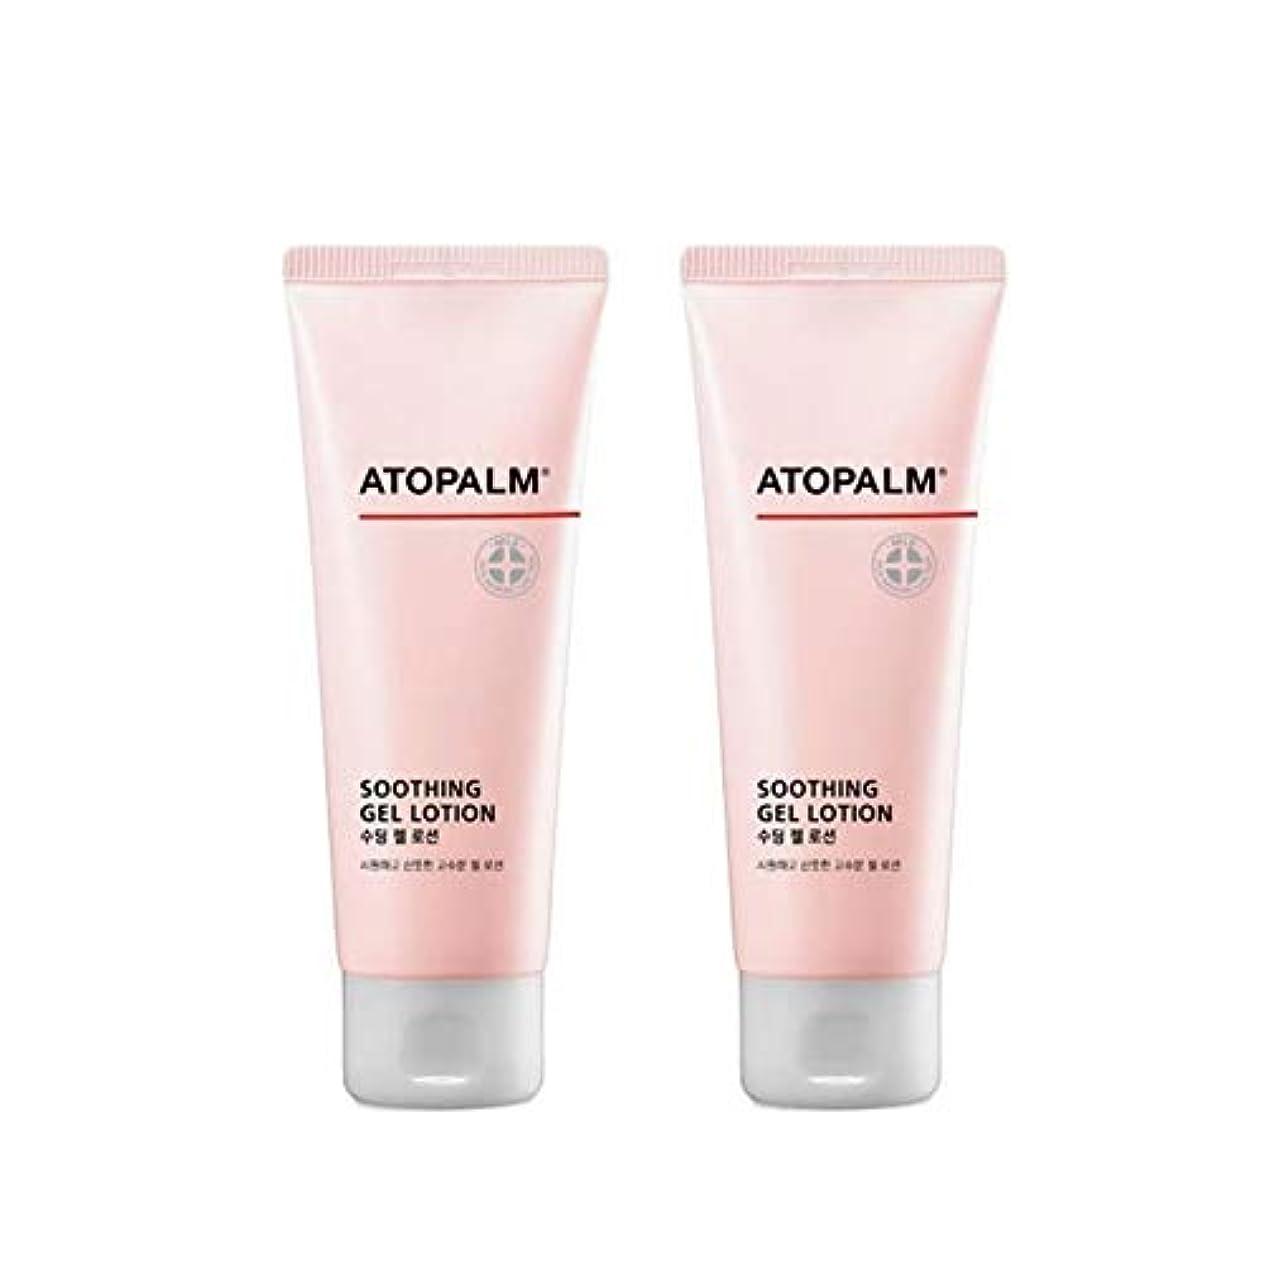 コンサート遅い自由アトパムスディンジェルローション120mlx2本セットベビーローション韓国コスメ、Atopalm Soothing Gel Lotion 120ml x 2ea Set Baby Lotion Korean Cosmetics...